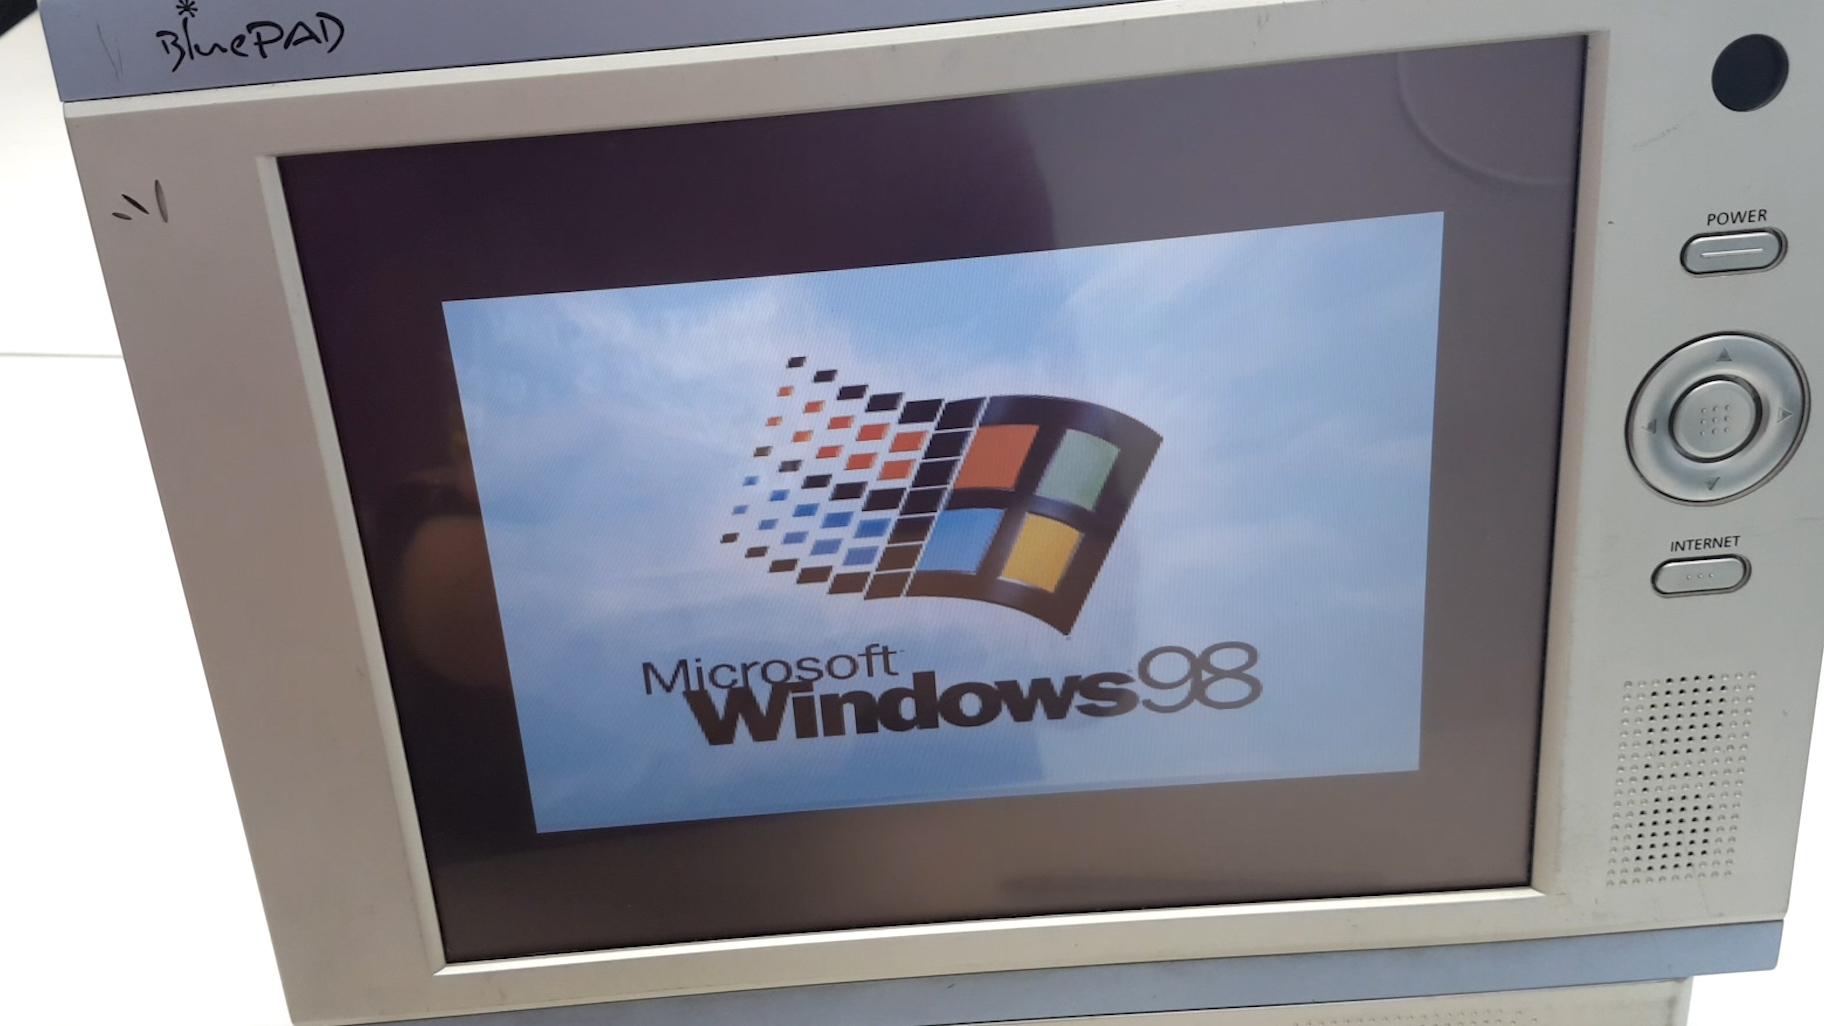 拆解WIN98系统的平板电脑,还记得15年前的红警95和RealPlayer吗